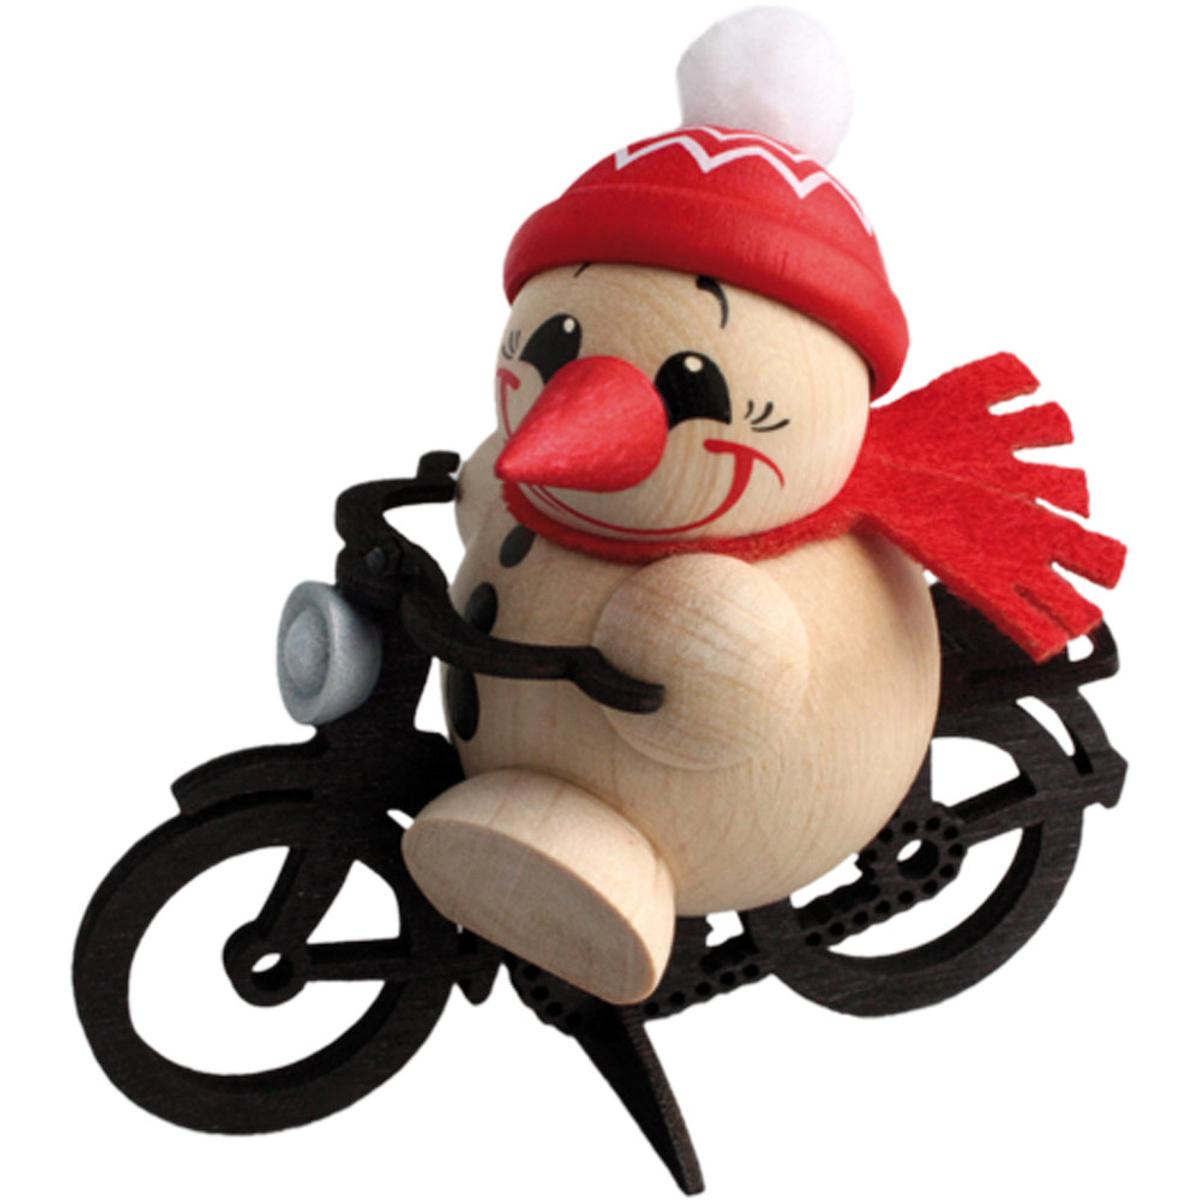 Kugelfiguren cool man fahrrad xl von karsten braune f r 20 - Weihnachtsdeko figuren ...